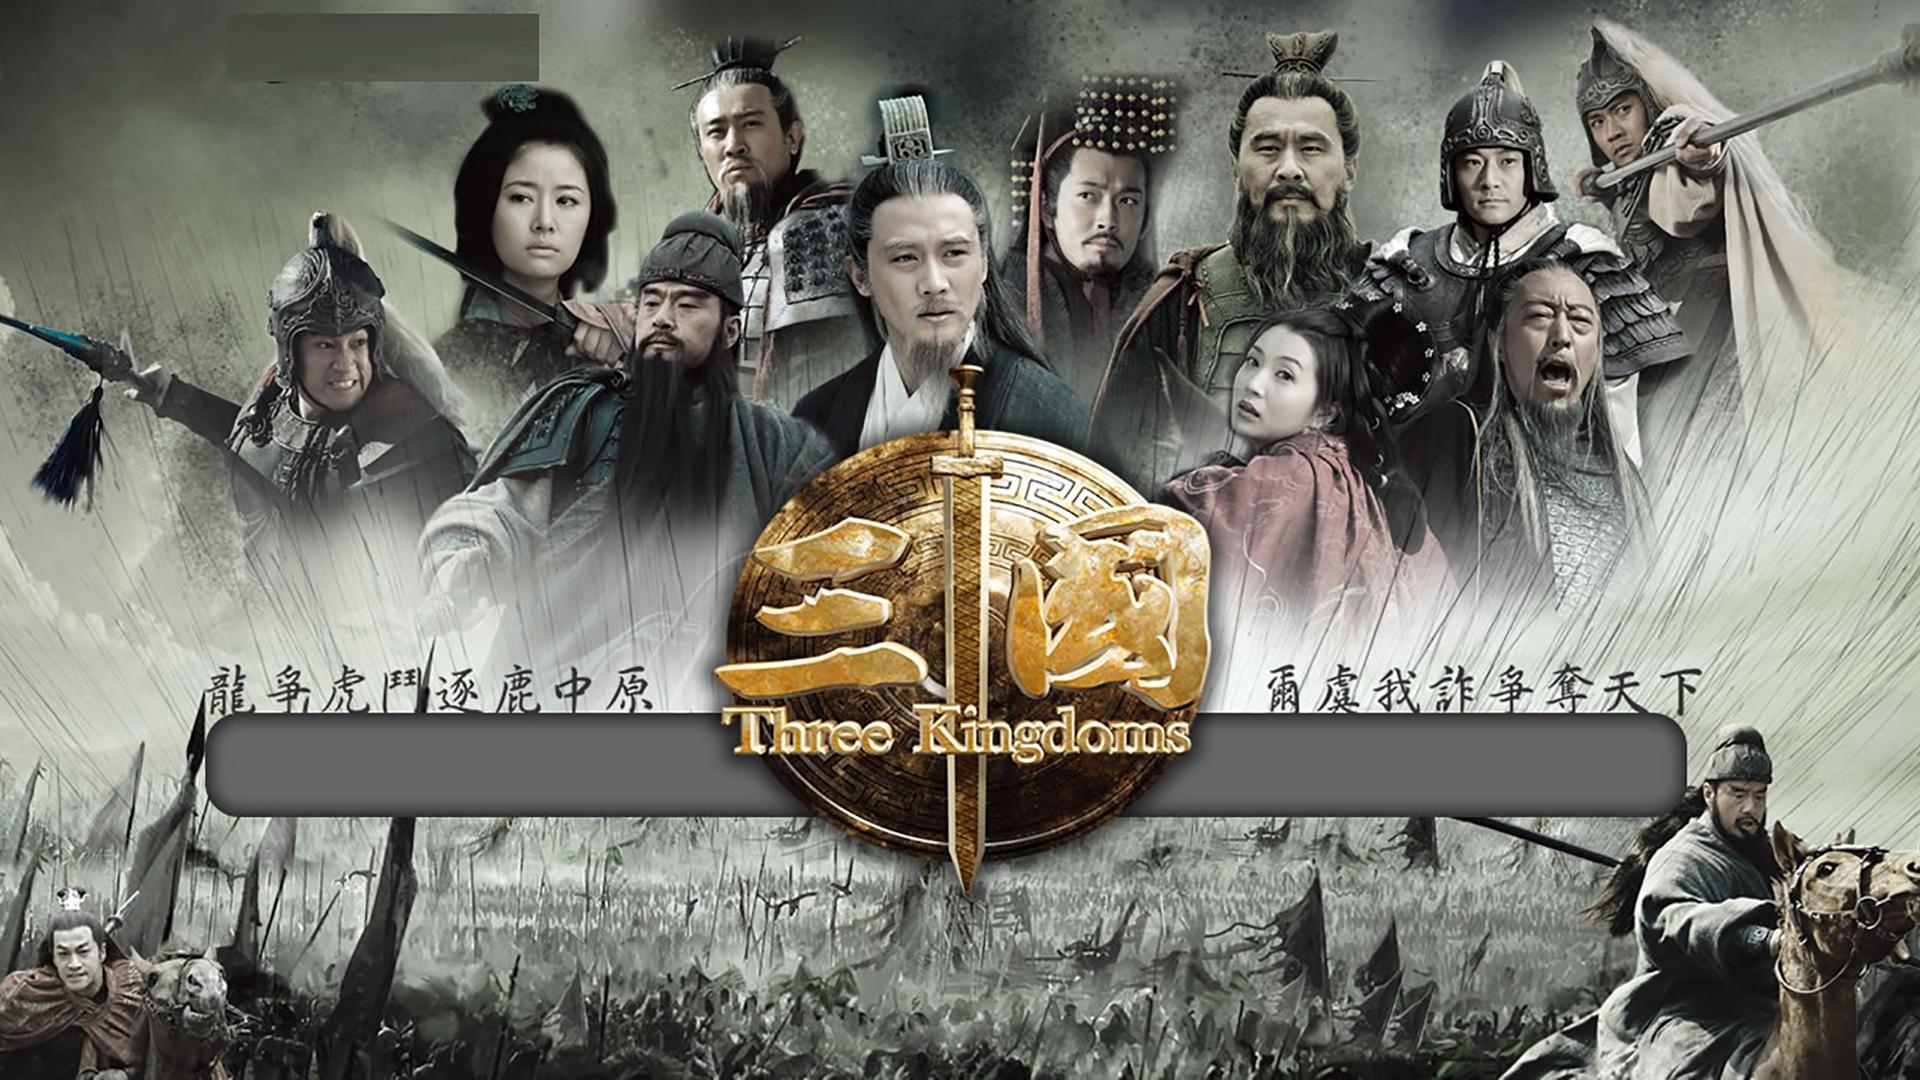 Tân Tam Quốc (2010)